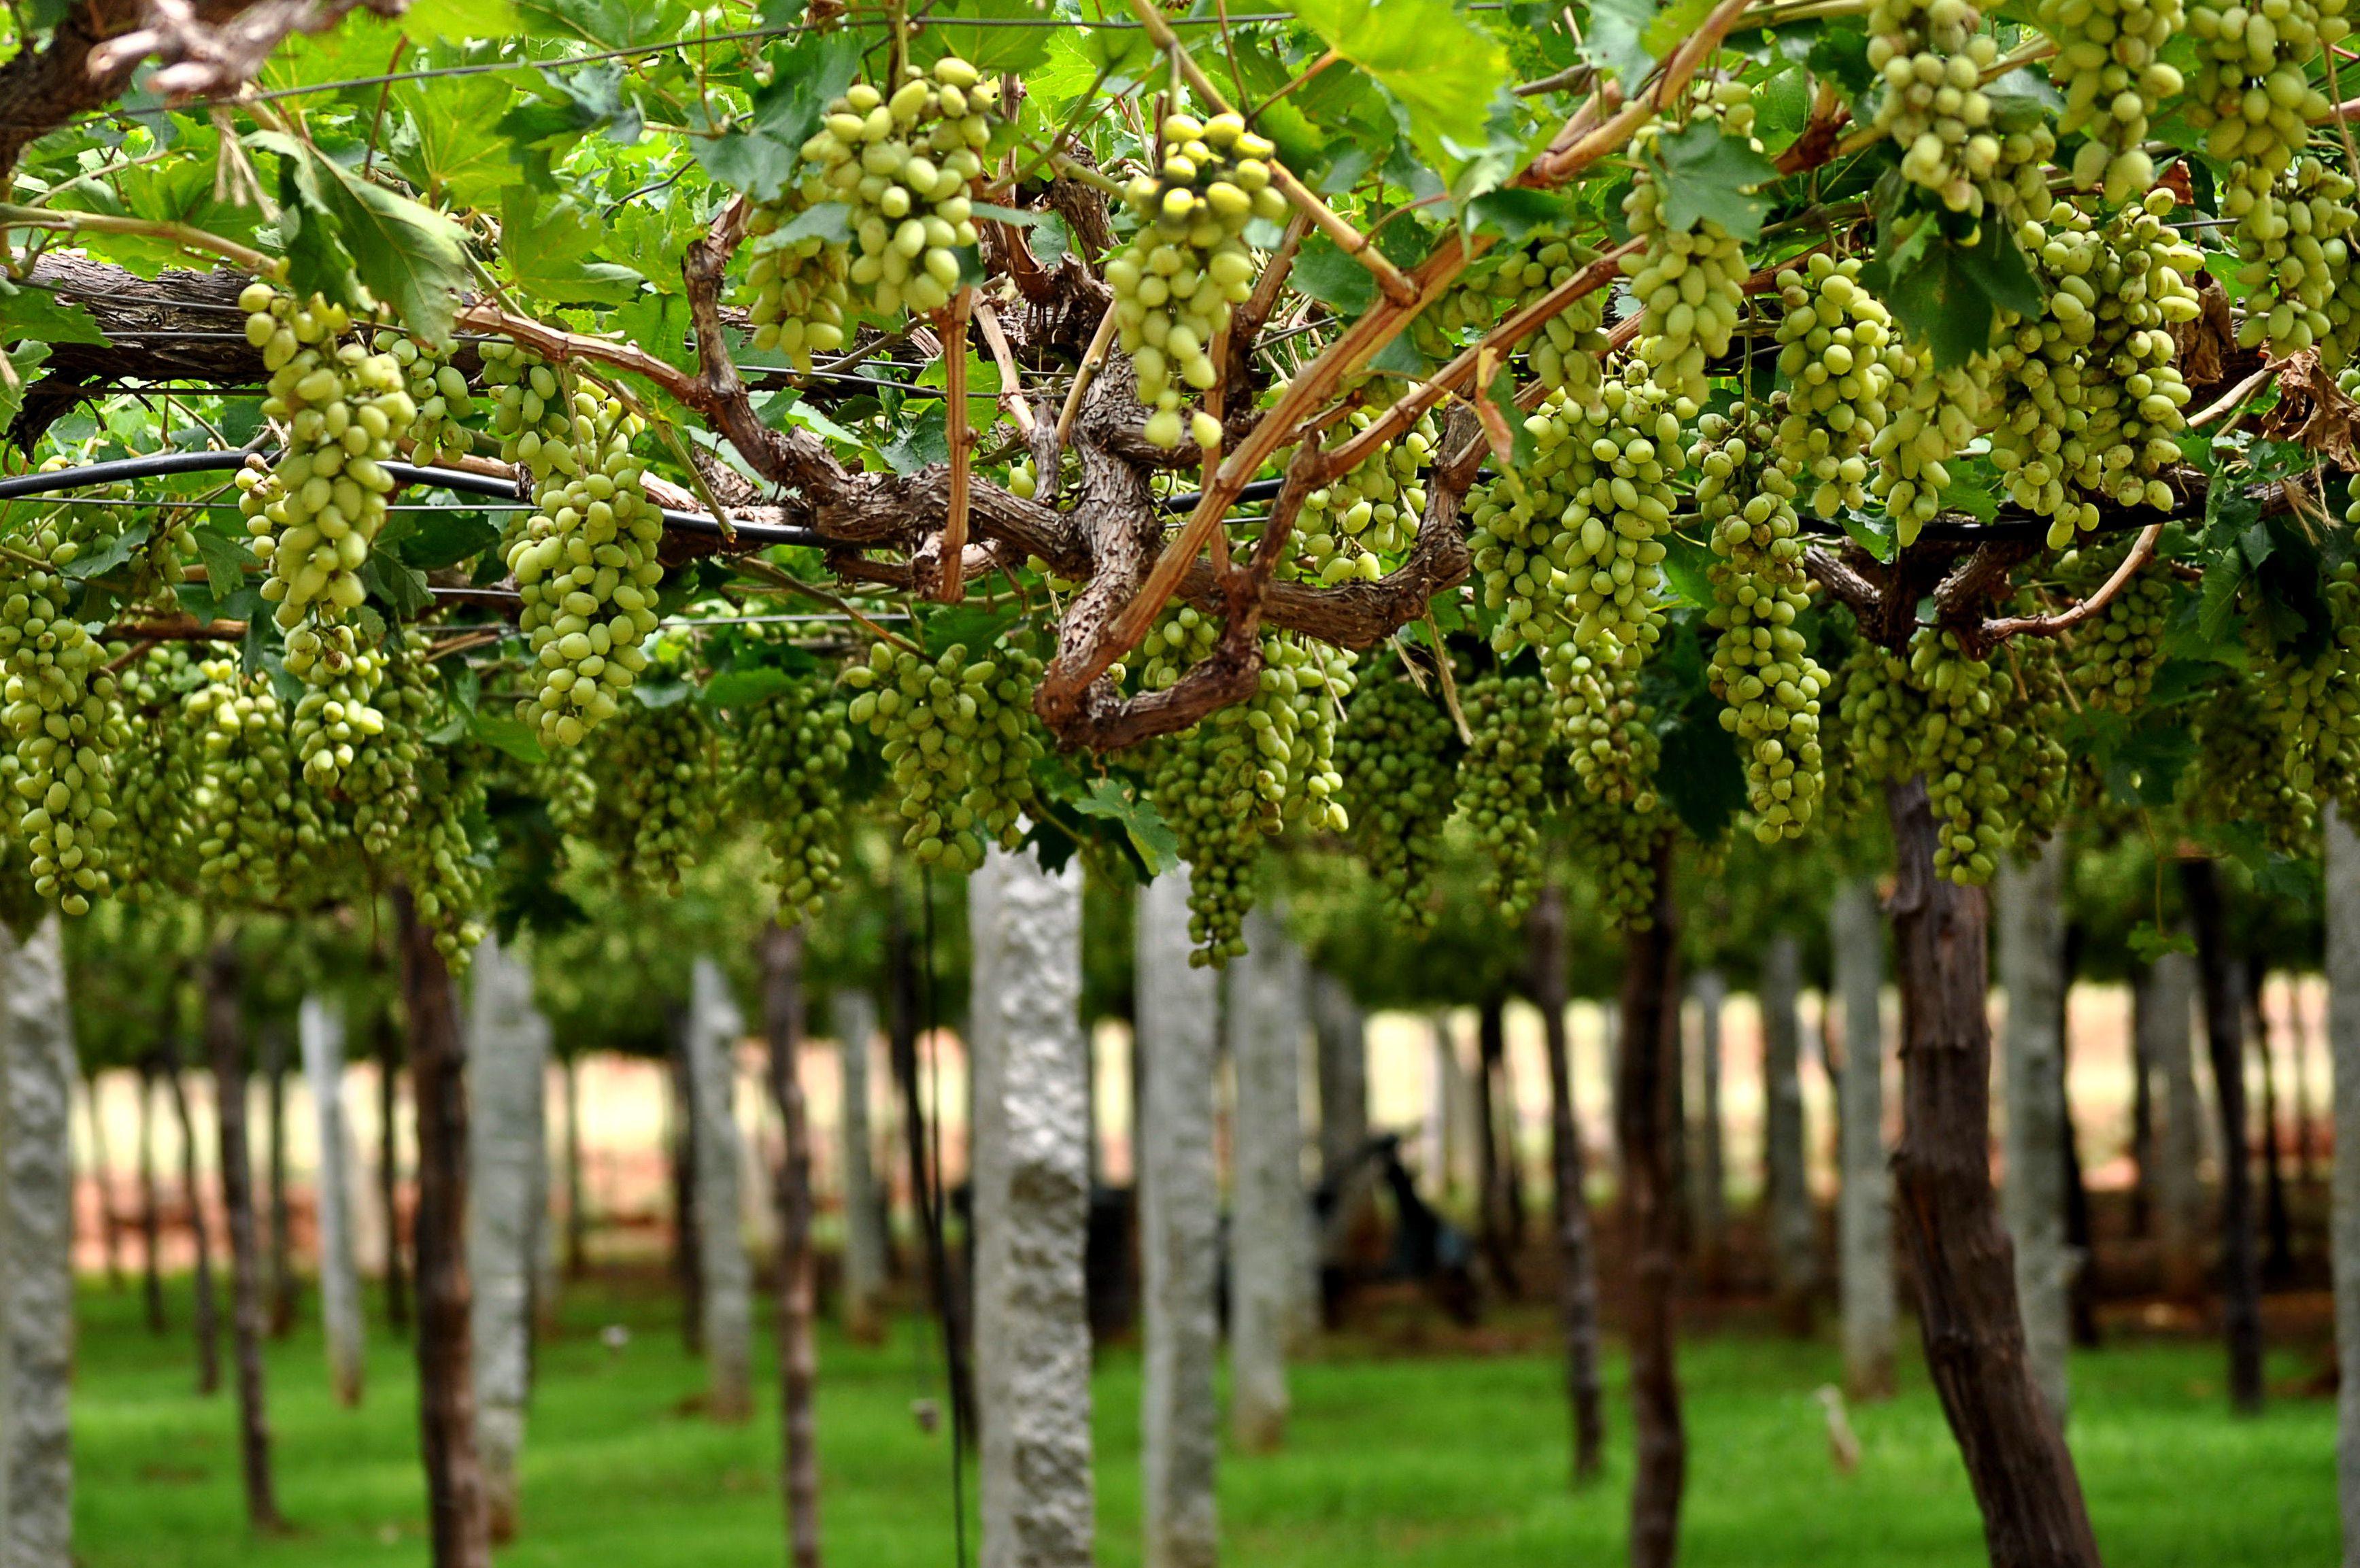 Grape vines in India.